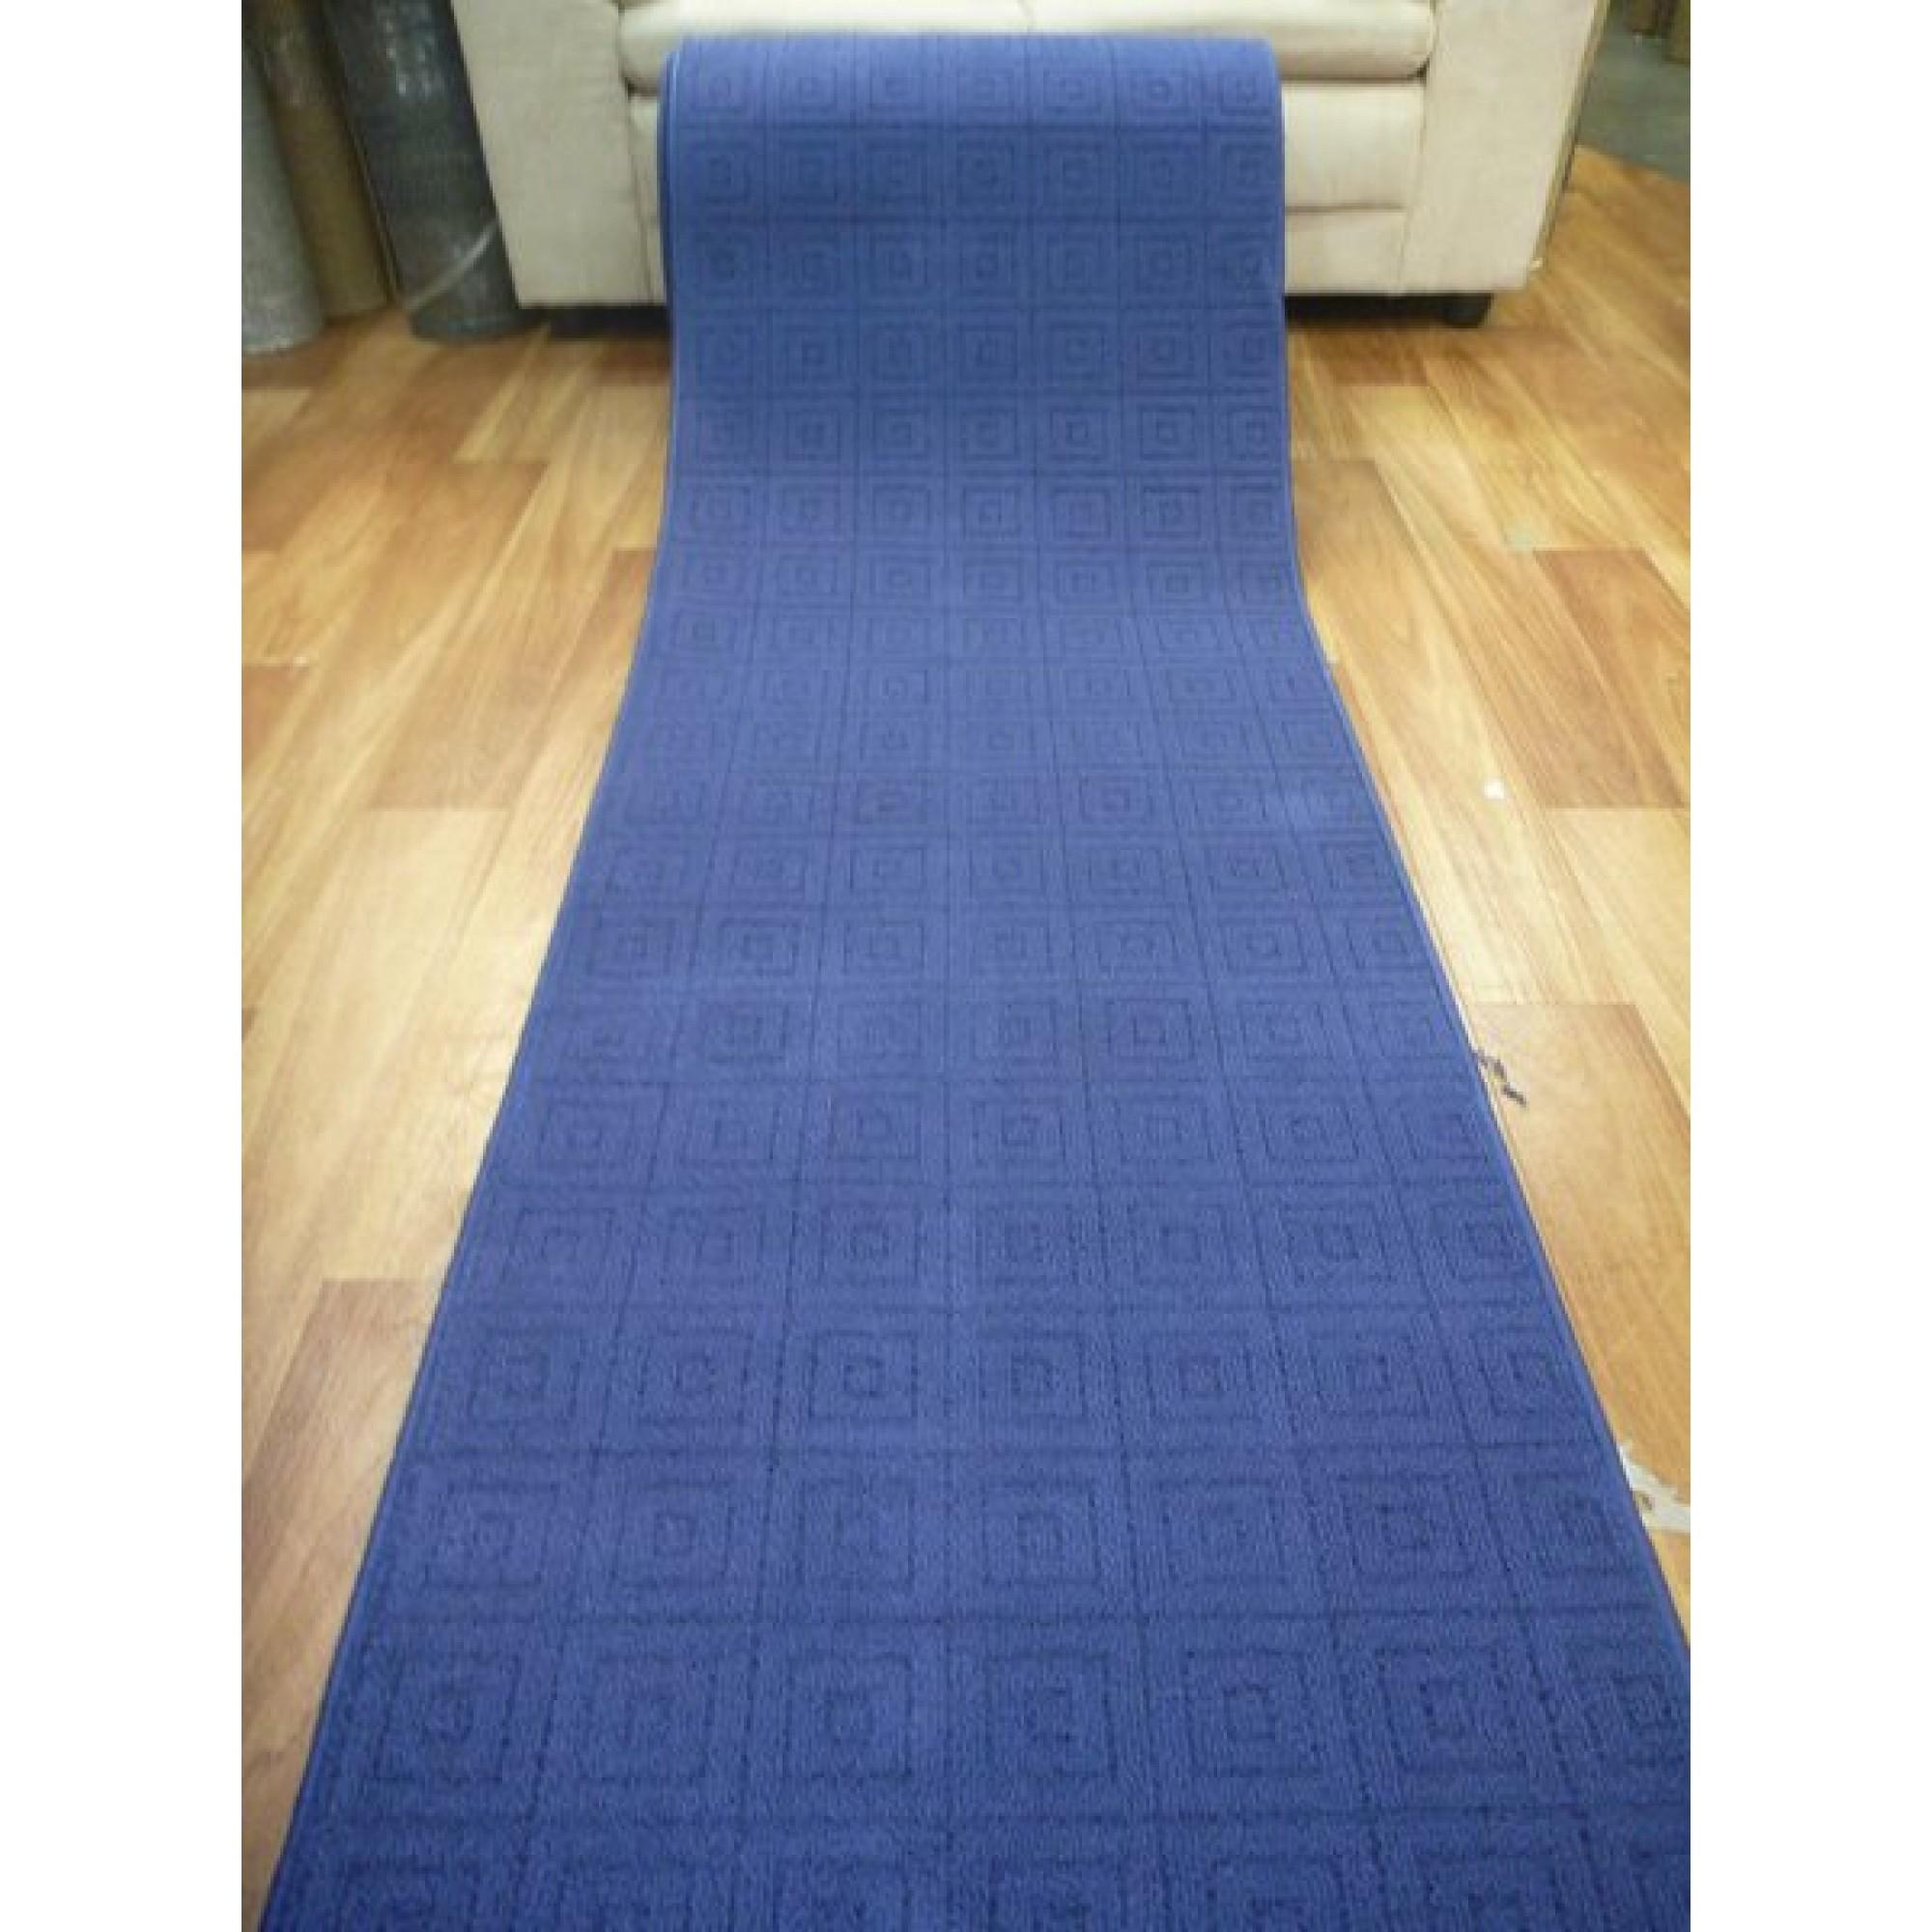 Flooring Lovely Hallway Runners For Floor Decor Idea Regarding Rubber Runners For Hallways (#9 of 20)